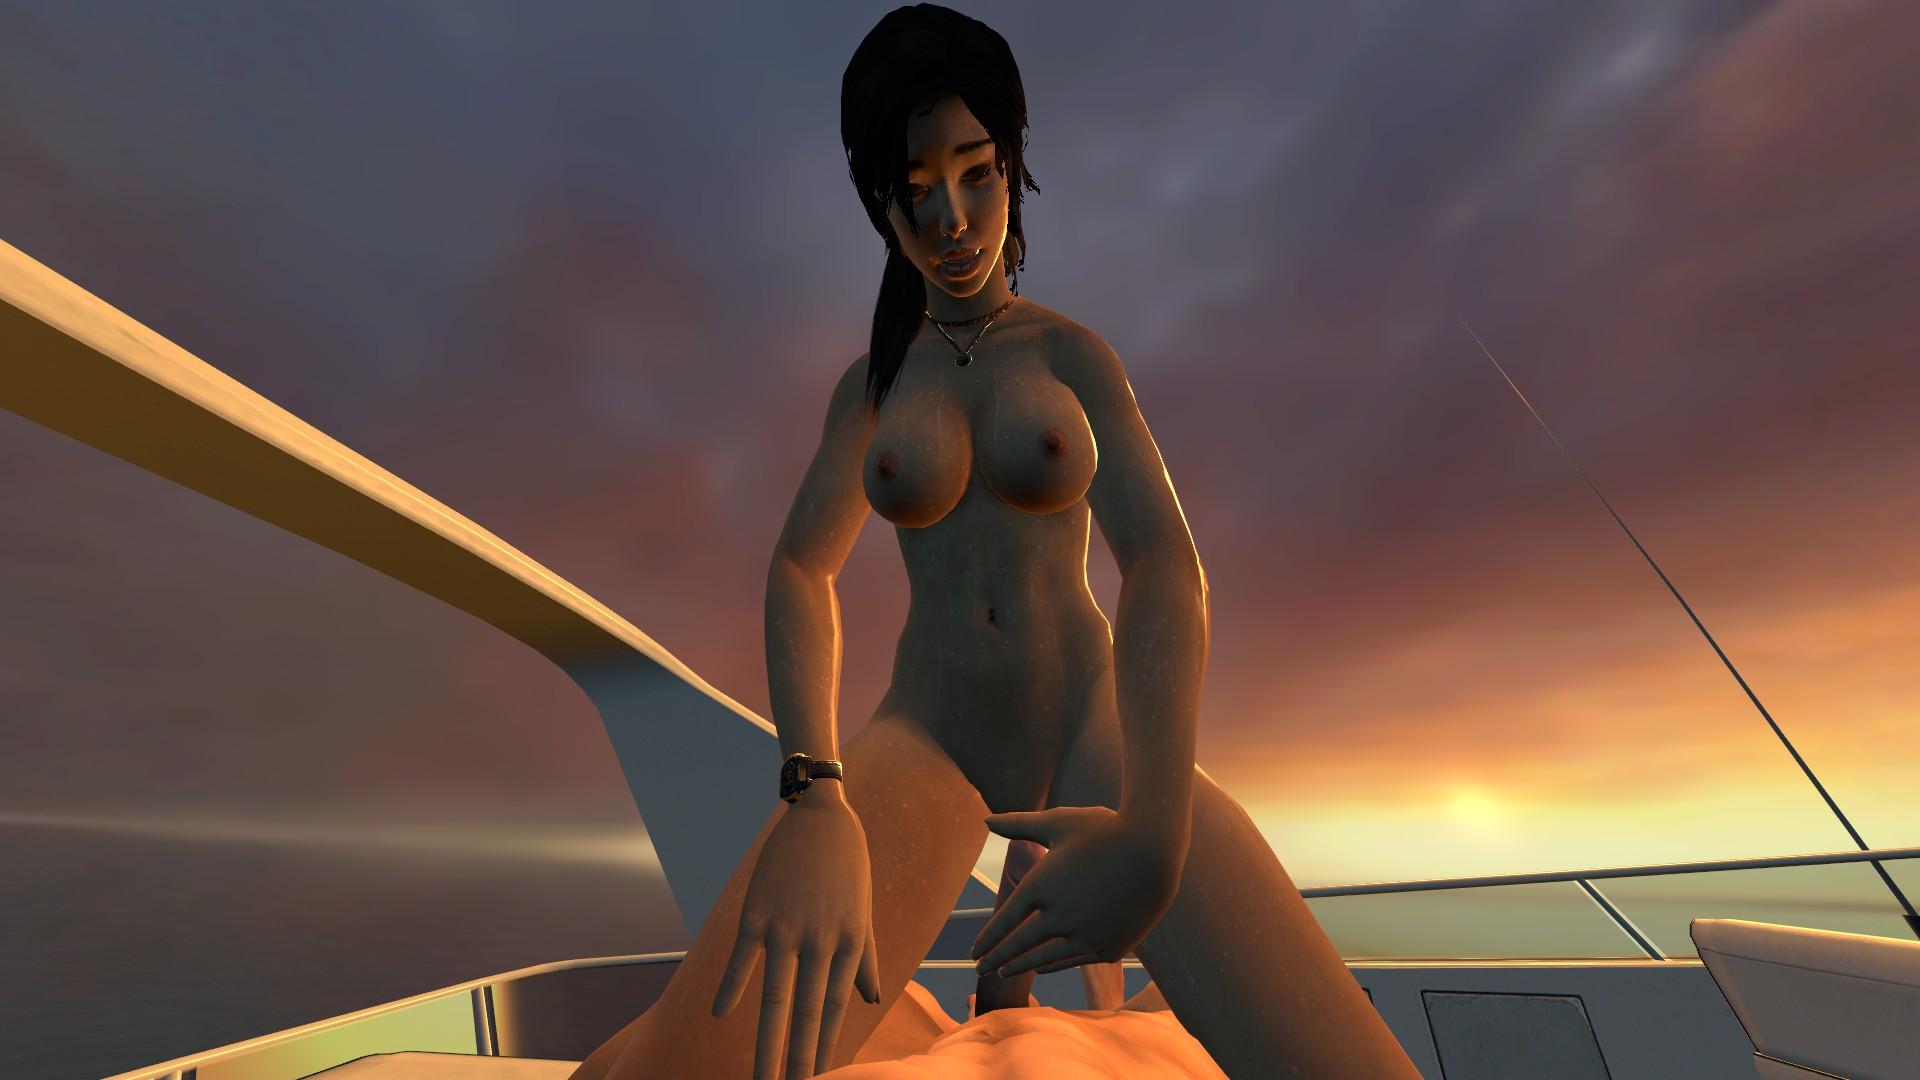 Tomb raider porn rule 34 sexy scene